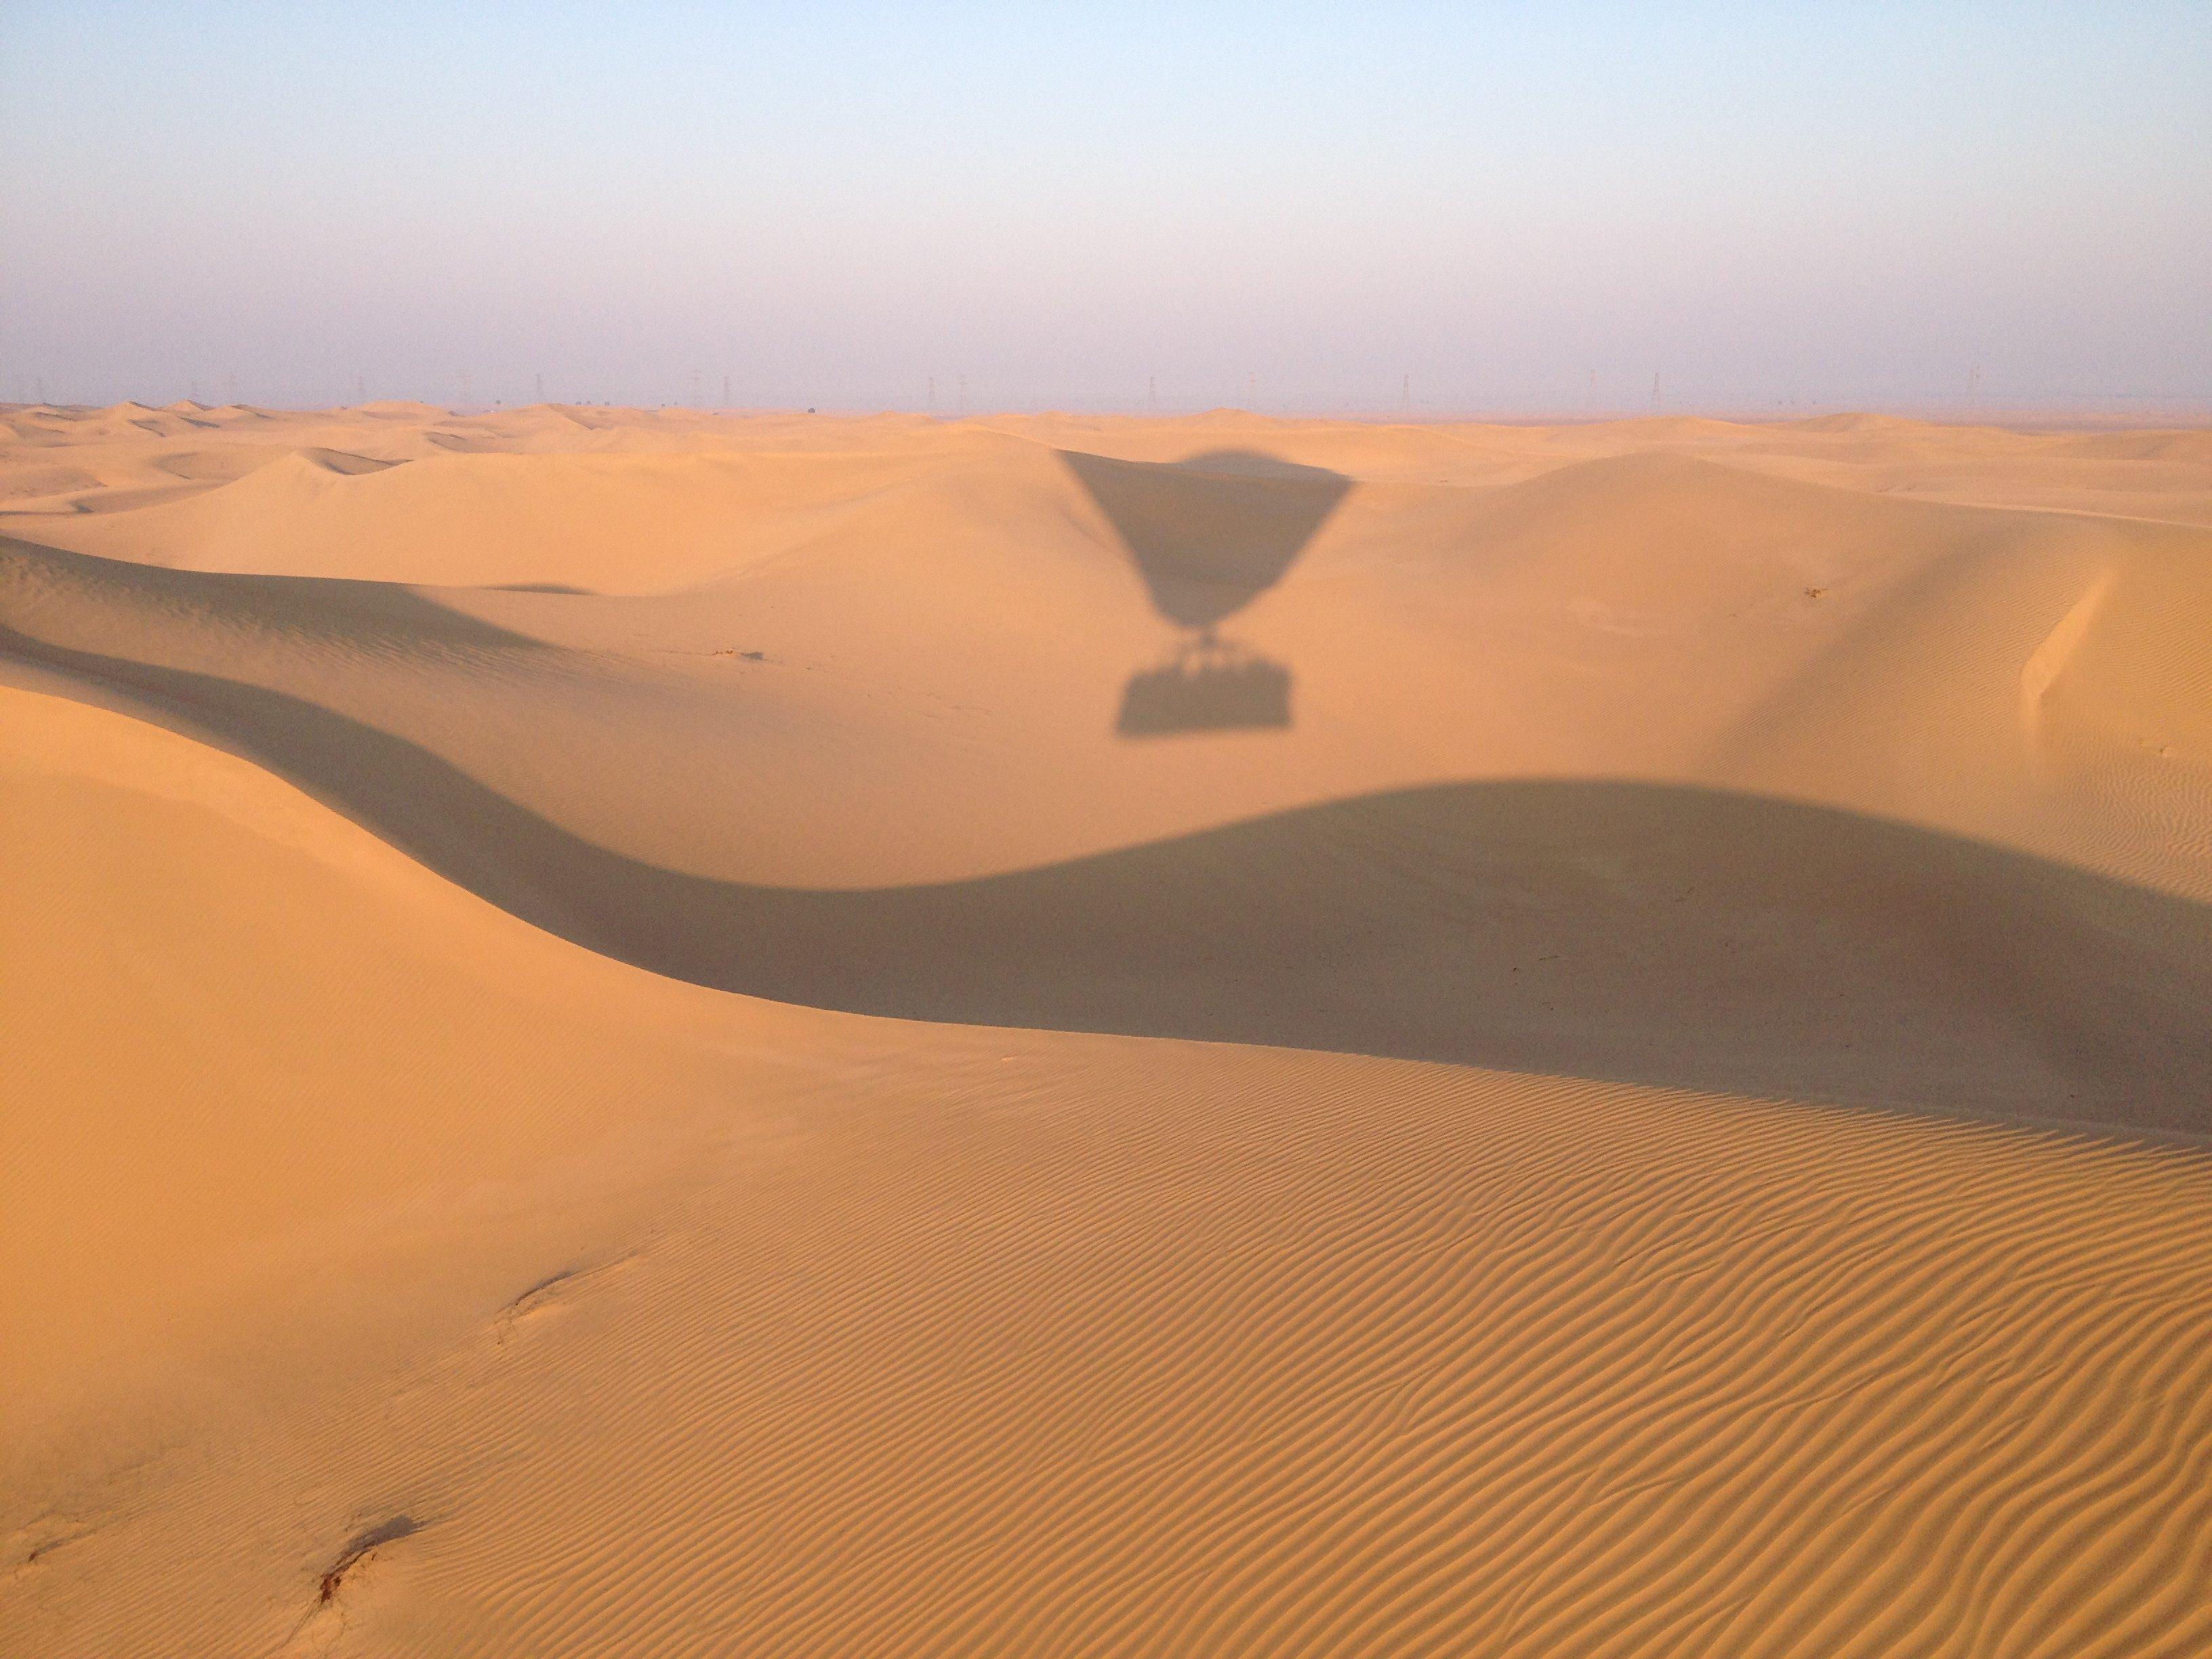 阿拉伯沙漠熱氣球圖片